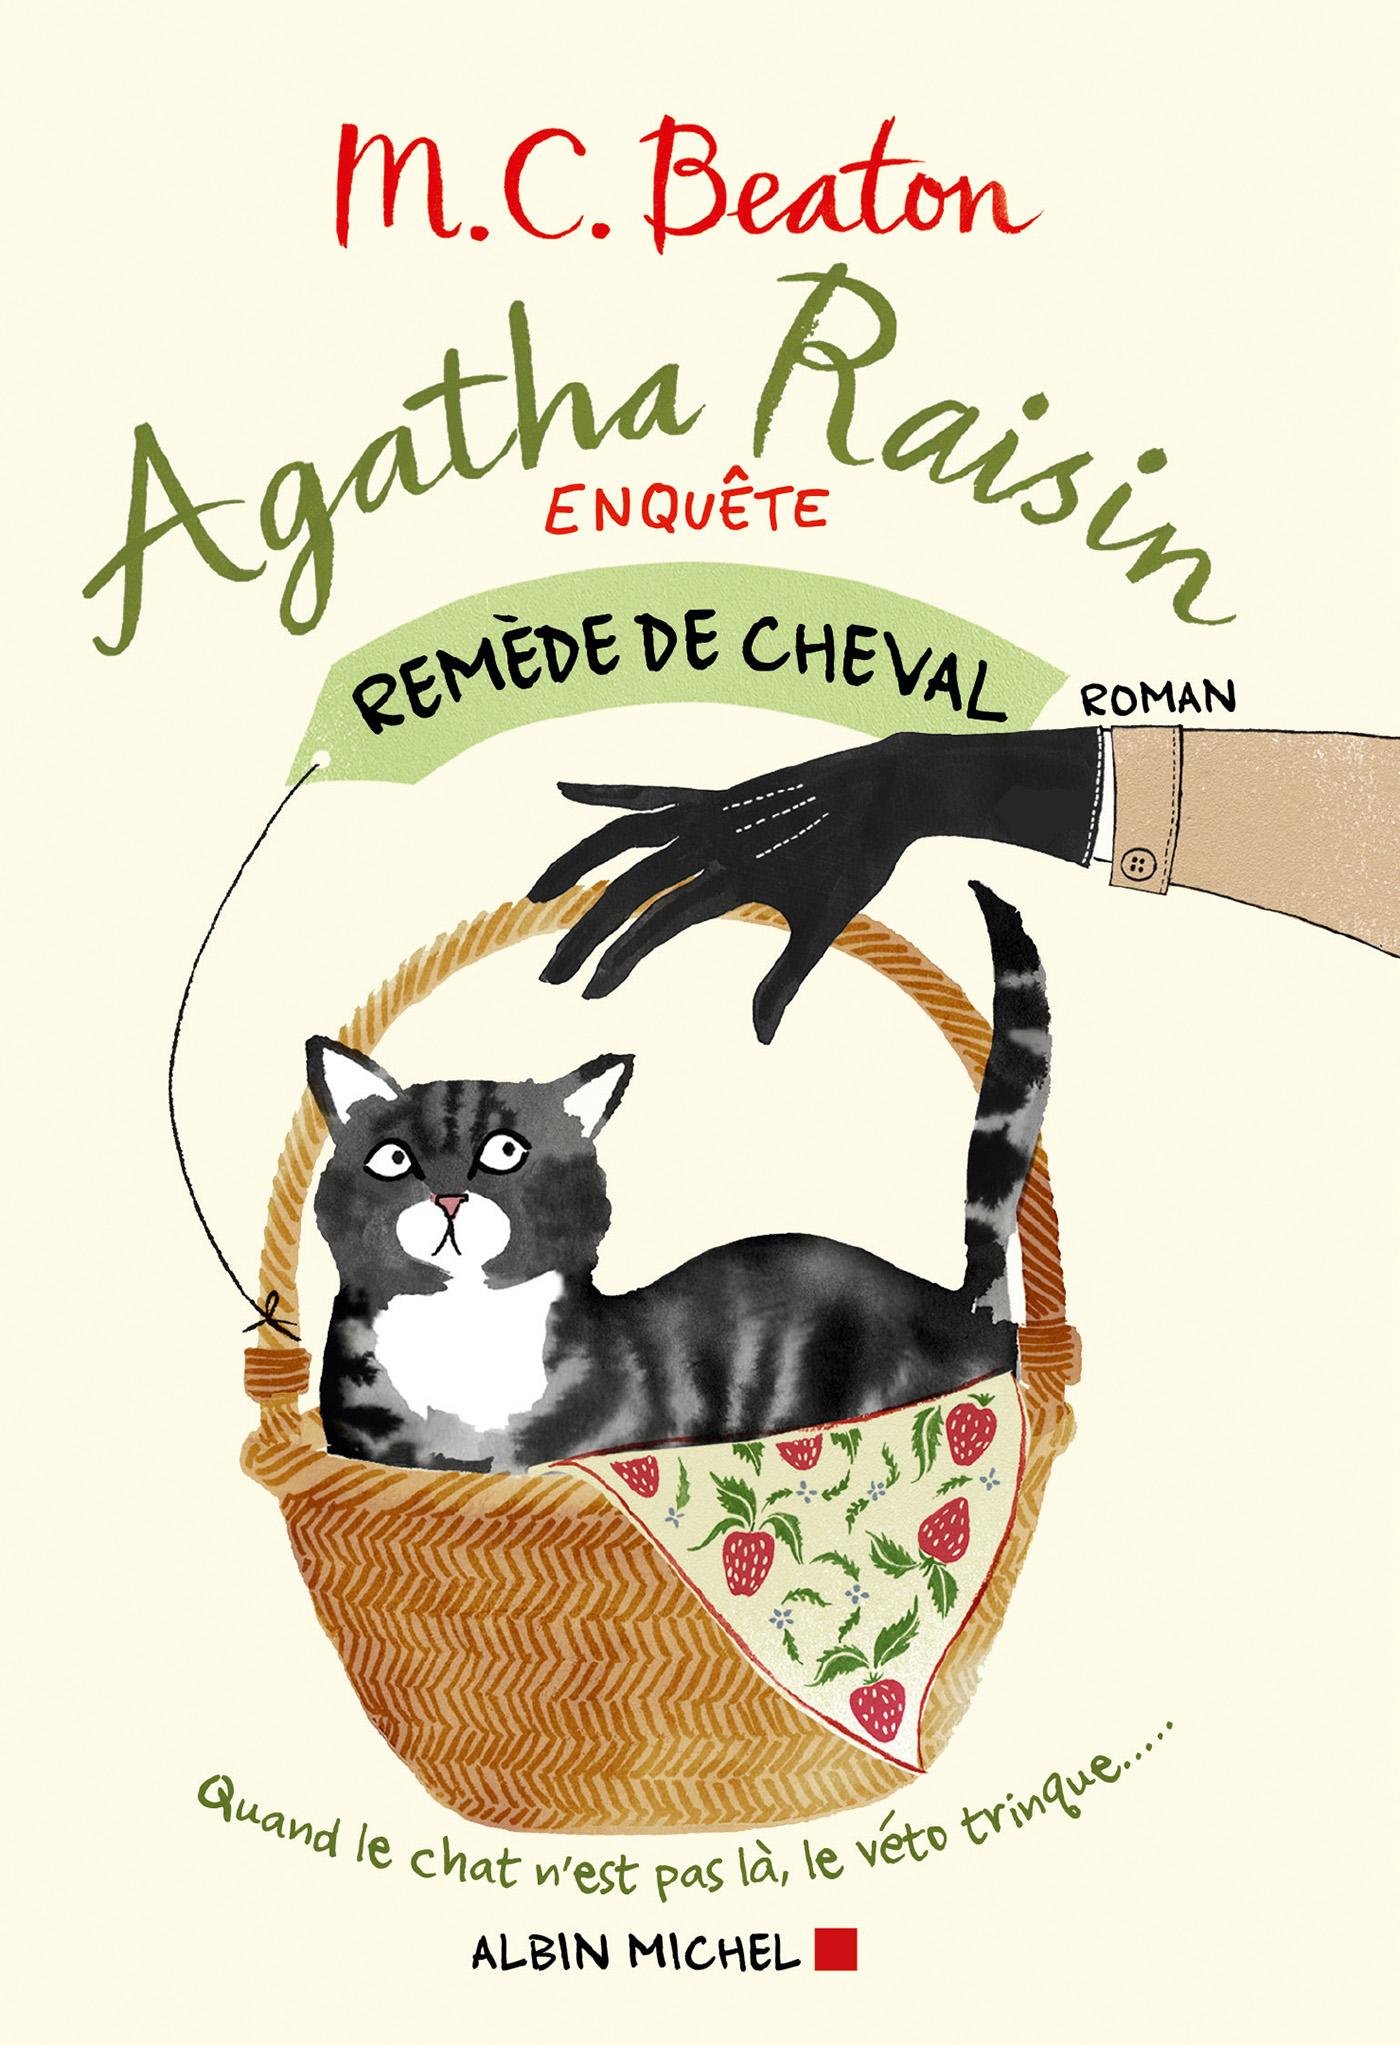 Agatha Raisin enquête 2 - Remède de cheval   Beaton, M. C.. Auteur